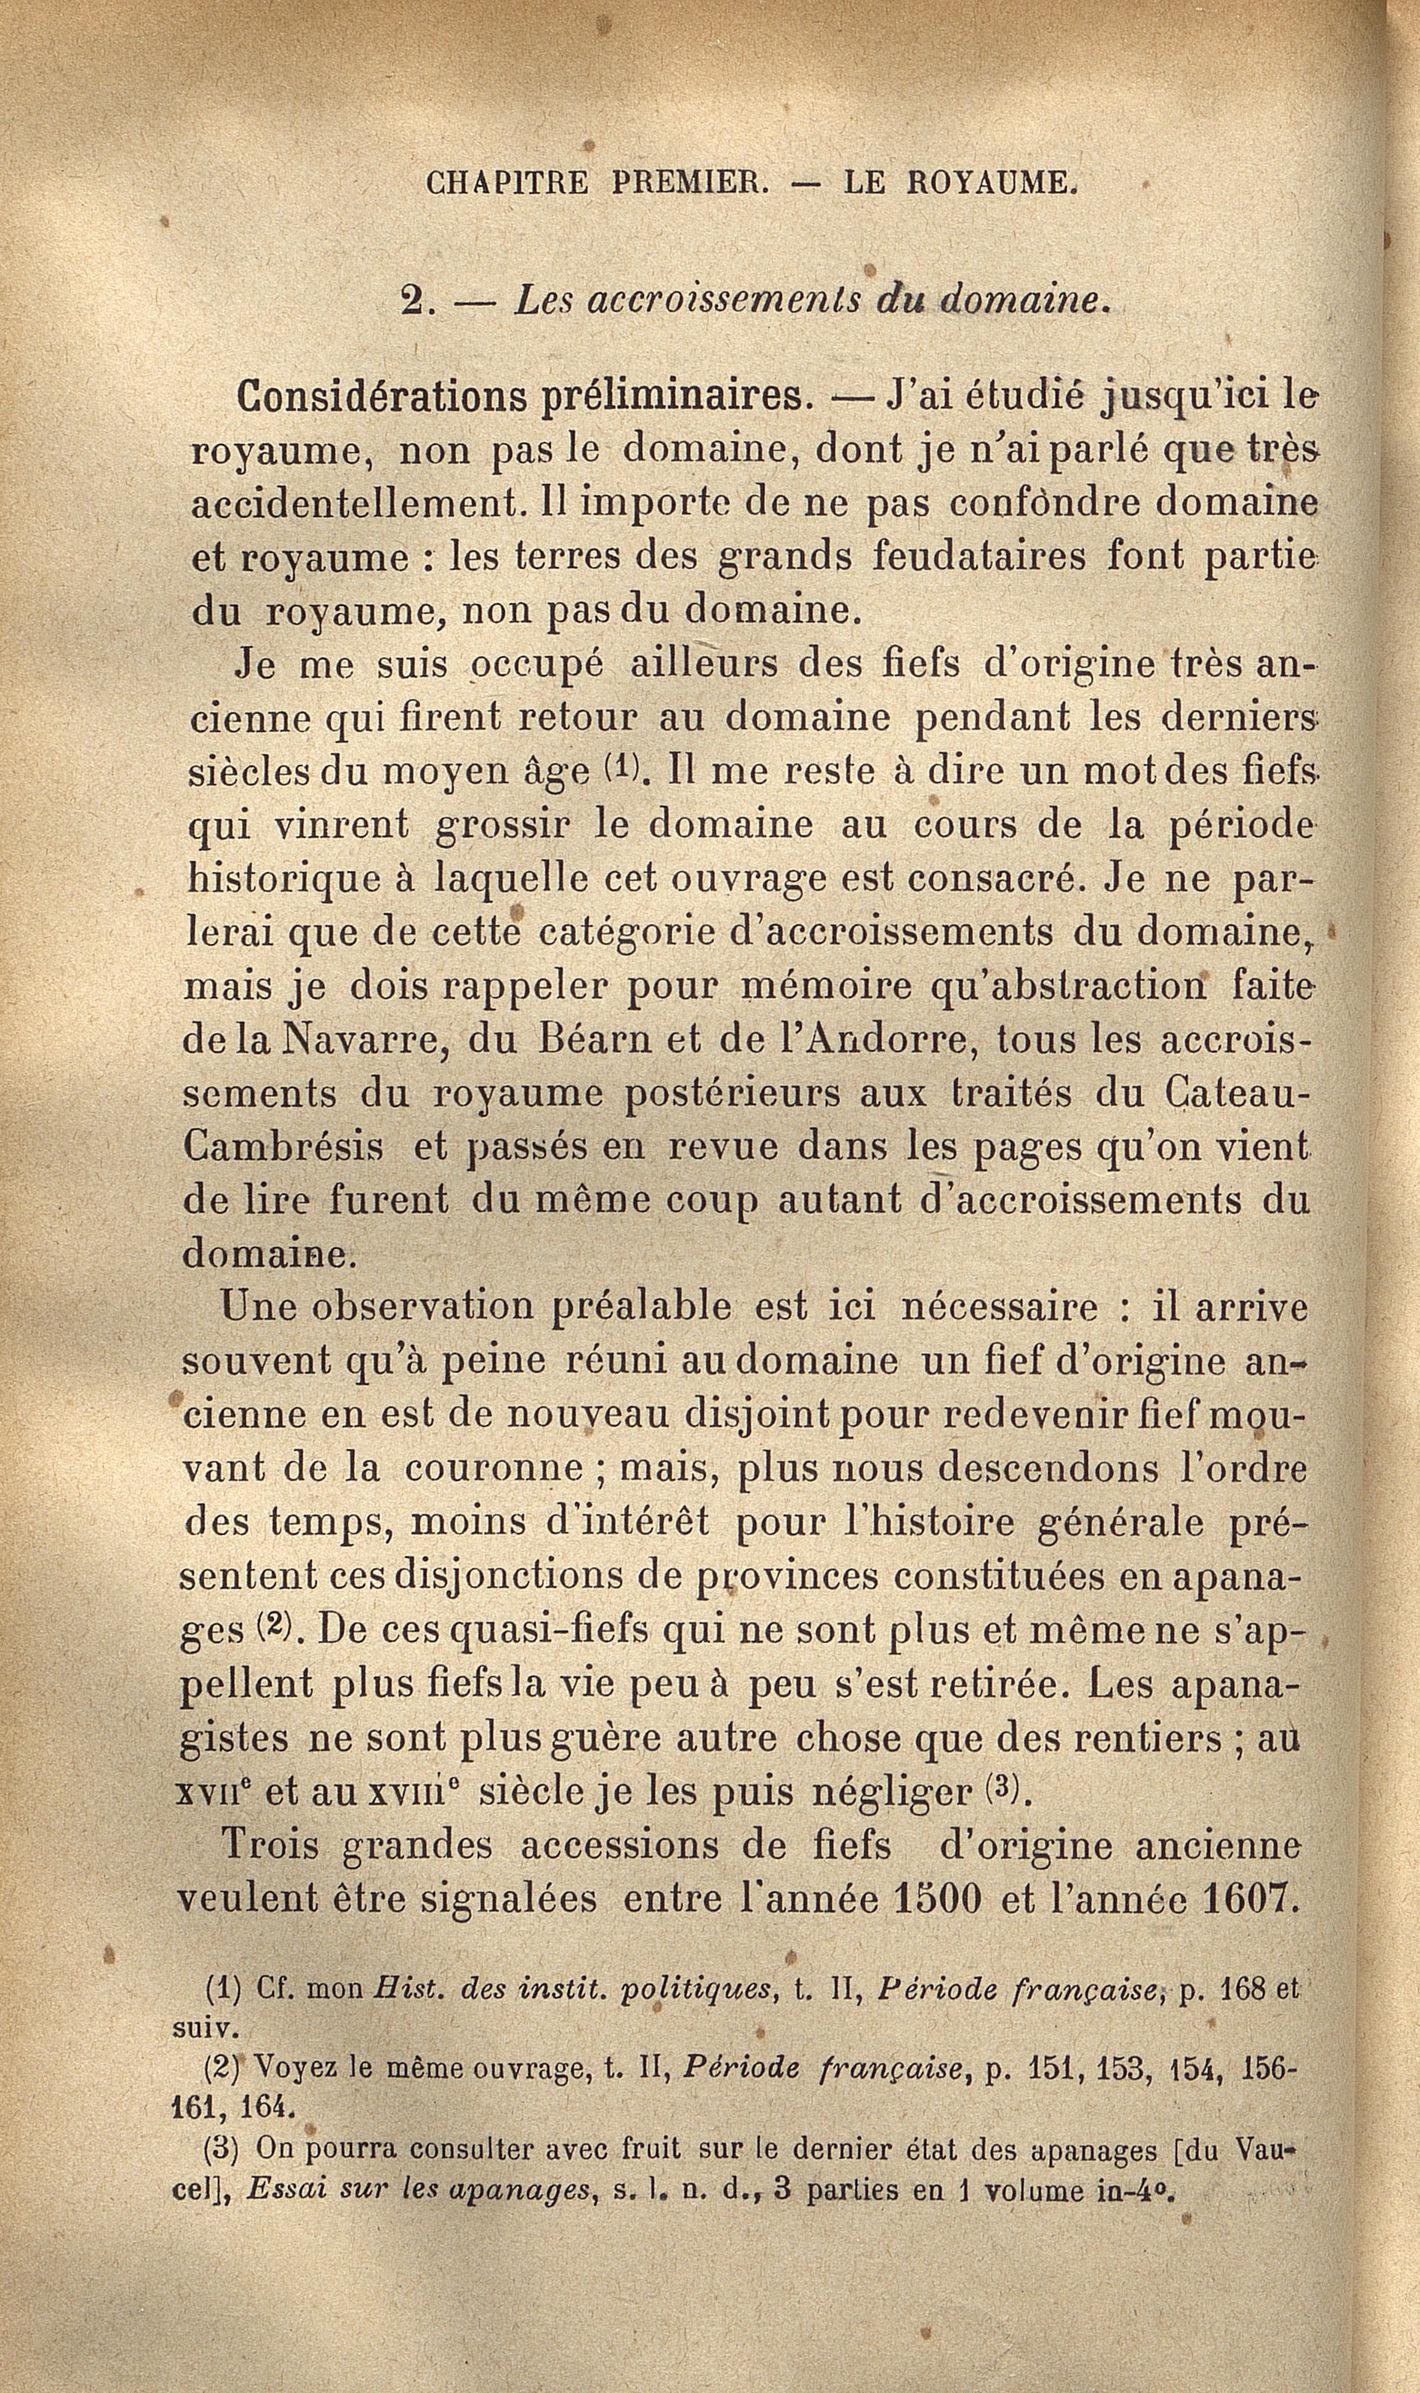 http://expo-paulviollet.univ-paris1.fr/wp-content/uploads/2016/02/0605381272_0076.jpg